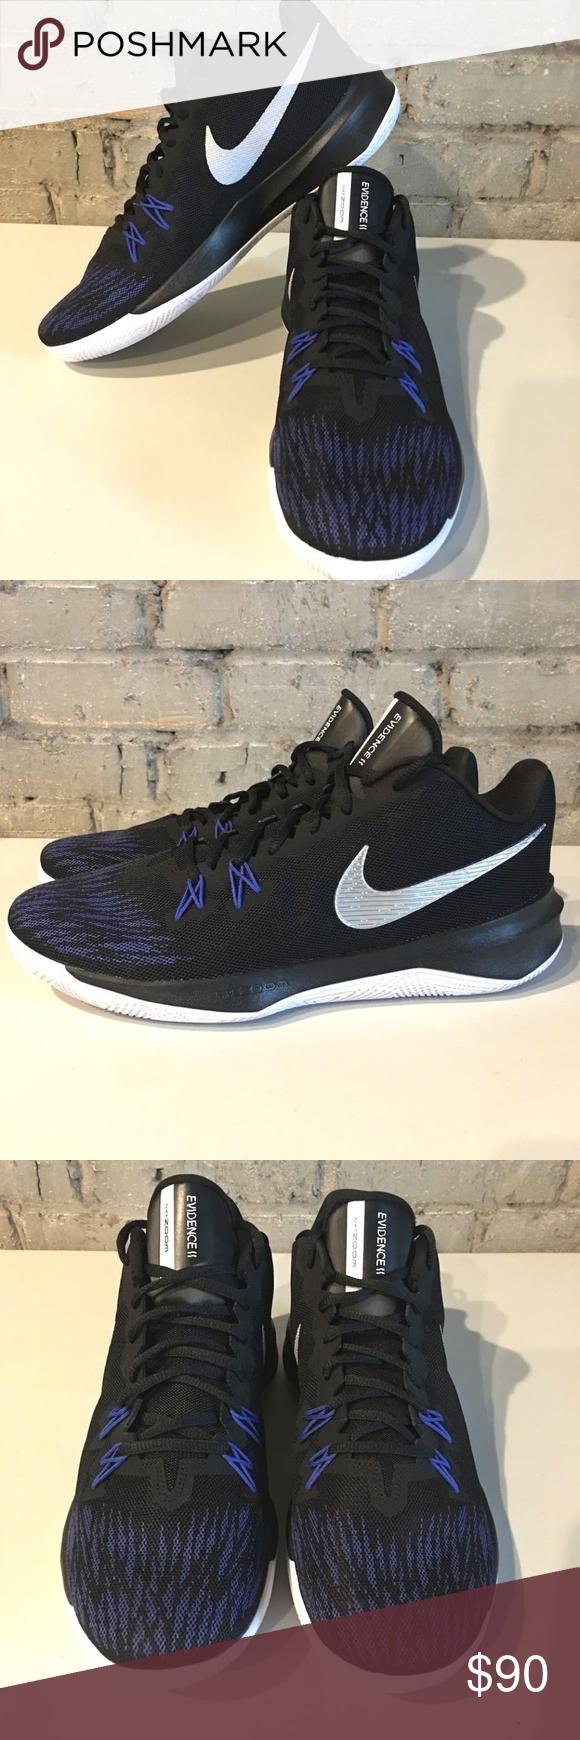 36e316ddc3bfd Nike Zoom Evidence II 2 Basketball Shoes Nike Zoom Evidence II 2 Basketball  Shoes Mens Size